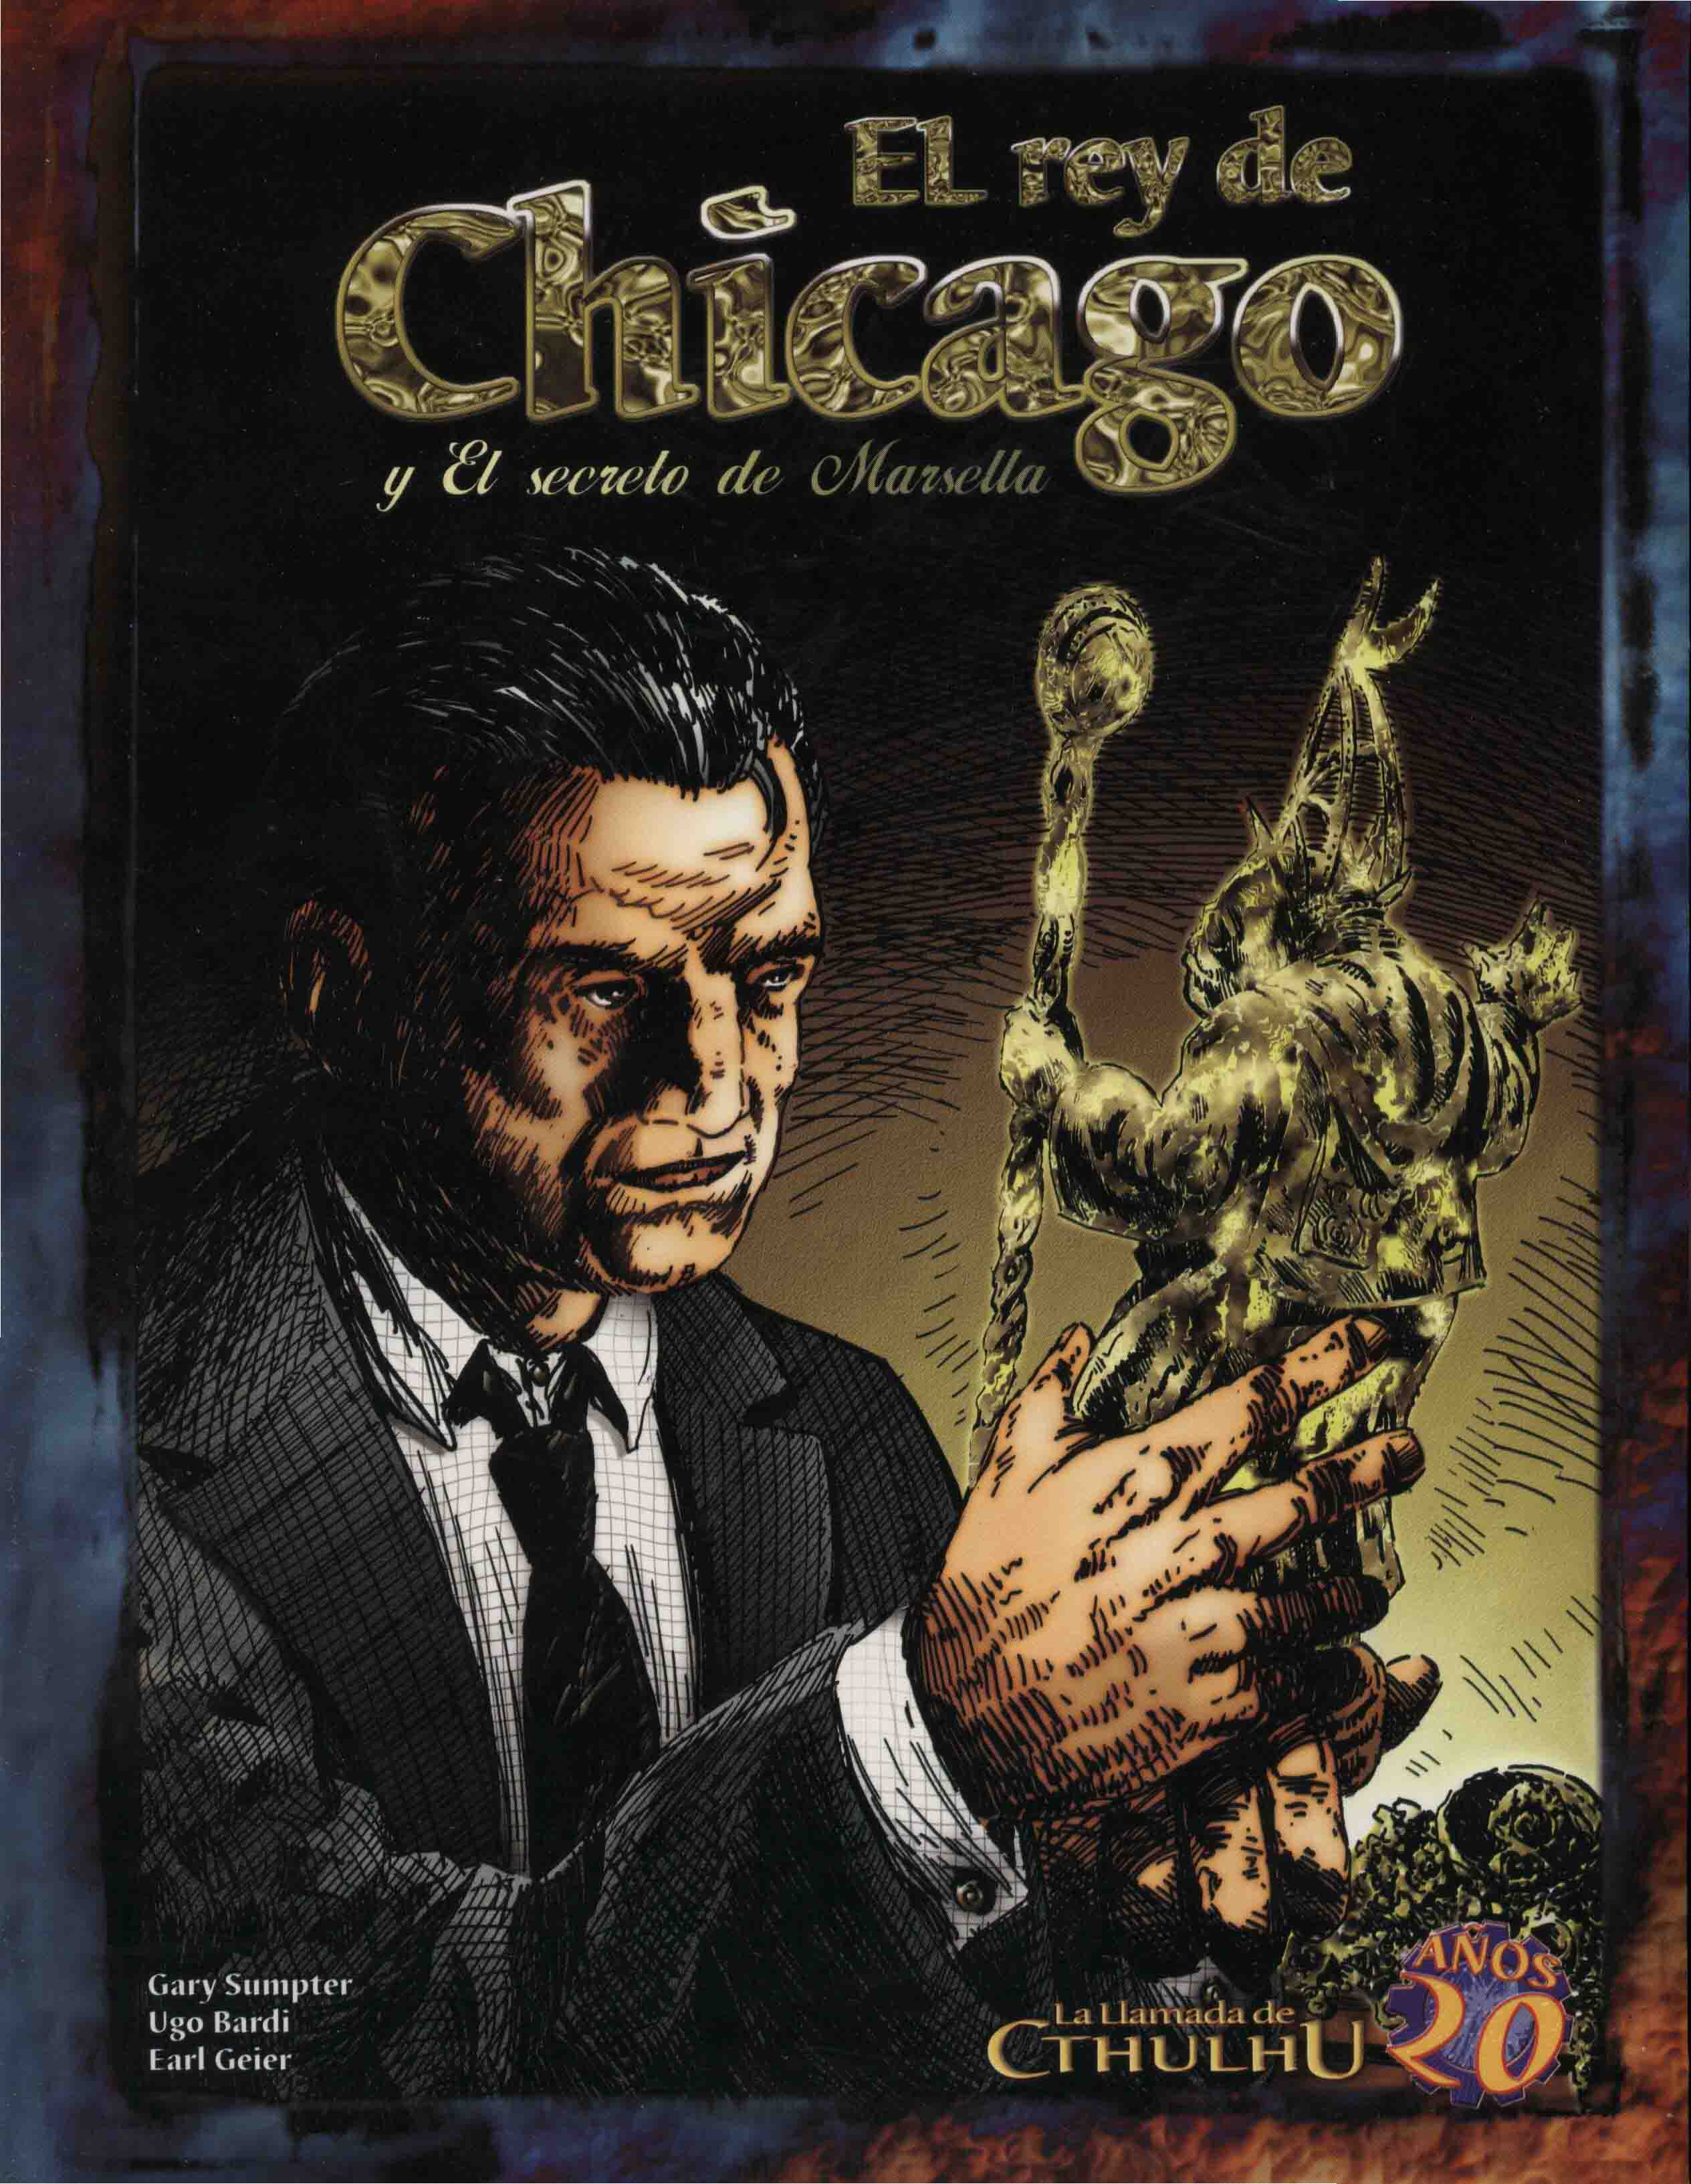 El rey de Chicago y el secreto de Marsella